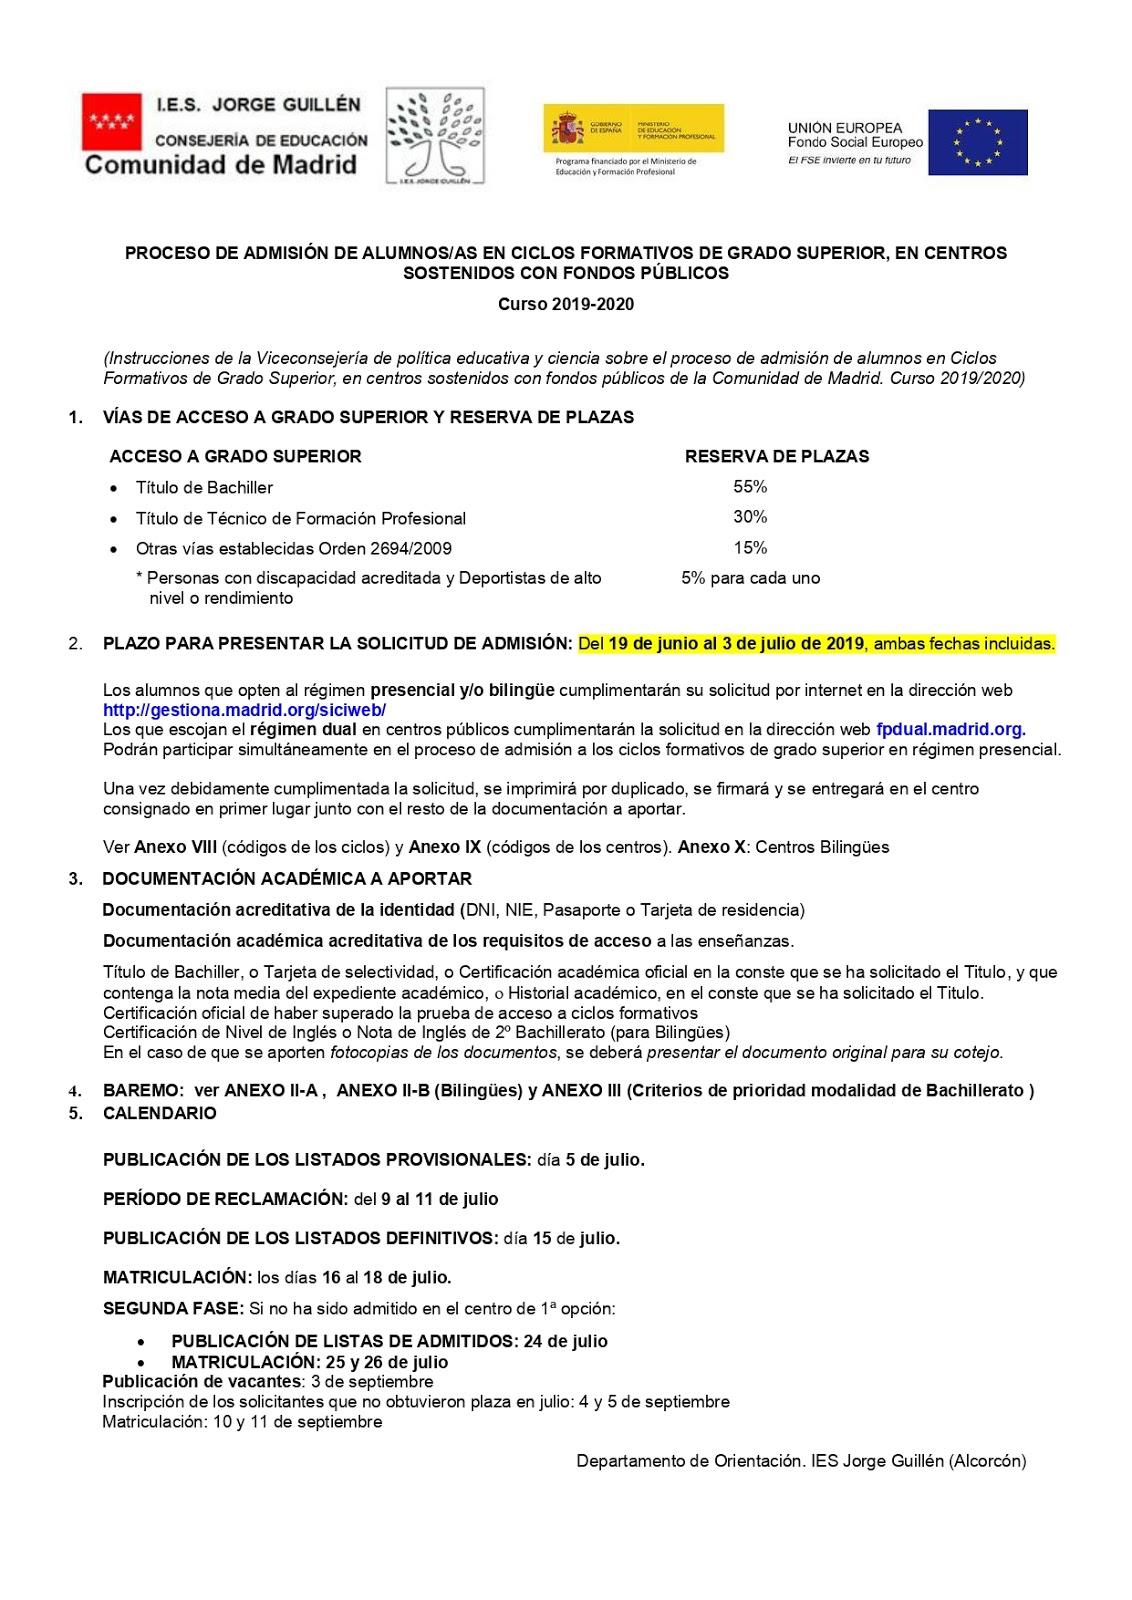 Departamento De Orientación Del Ies Jorge Guillén Junio 2019